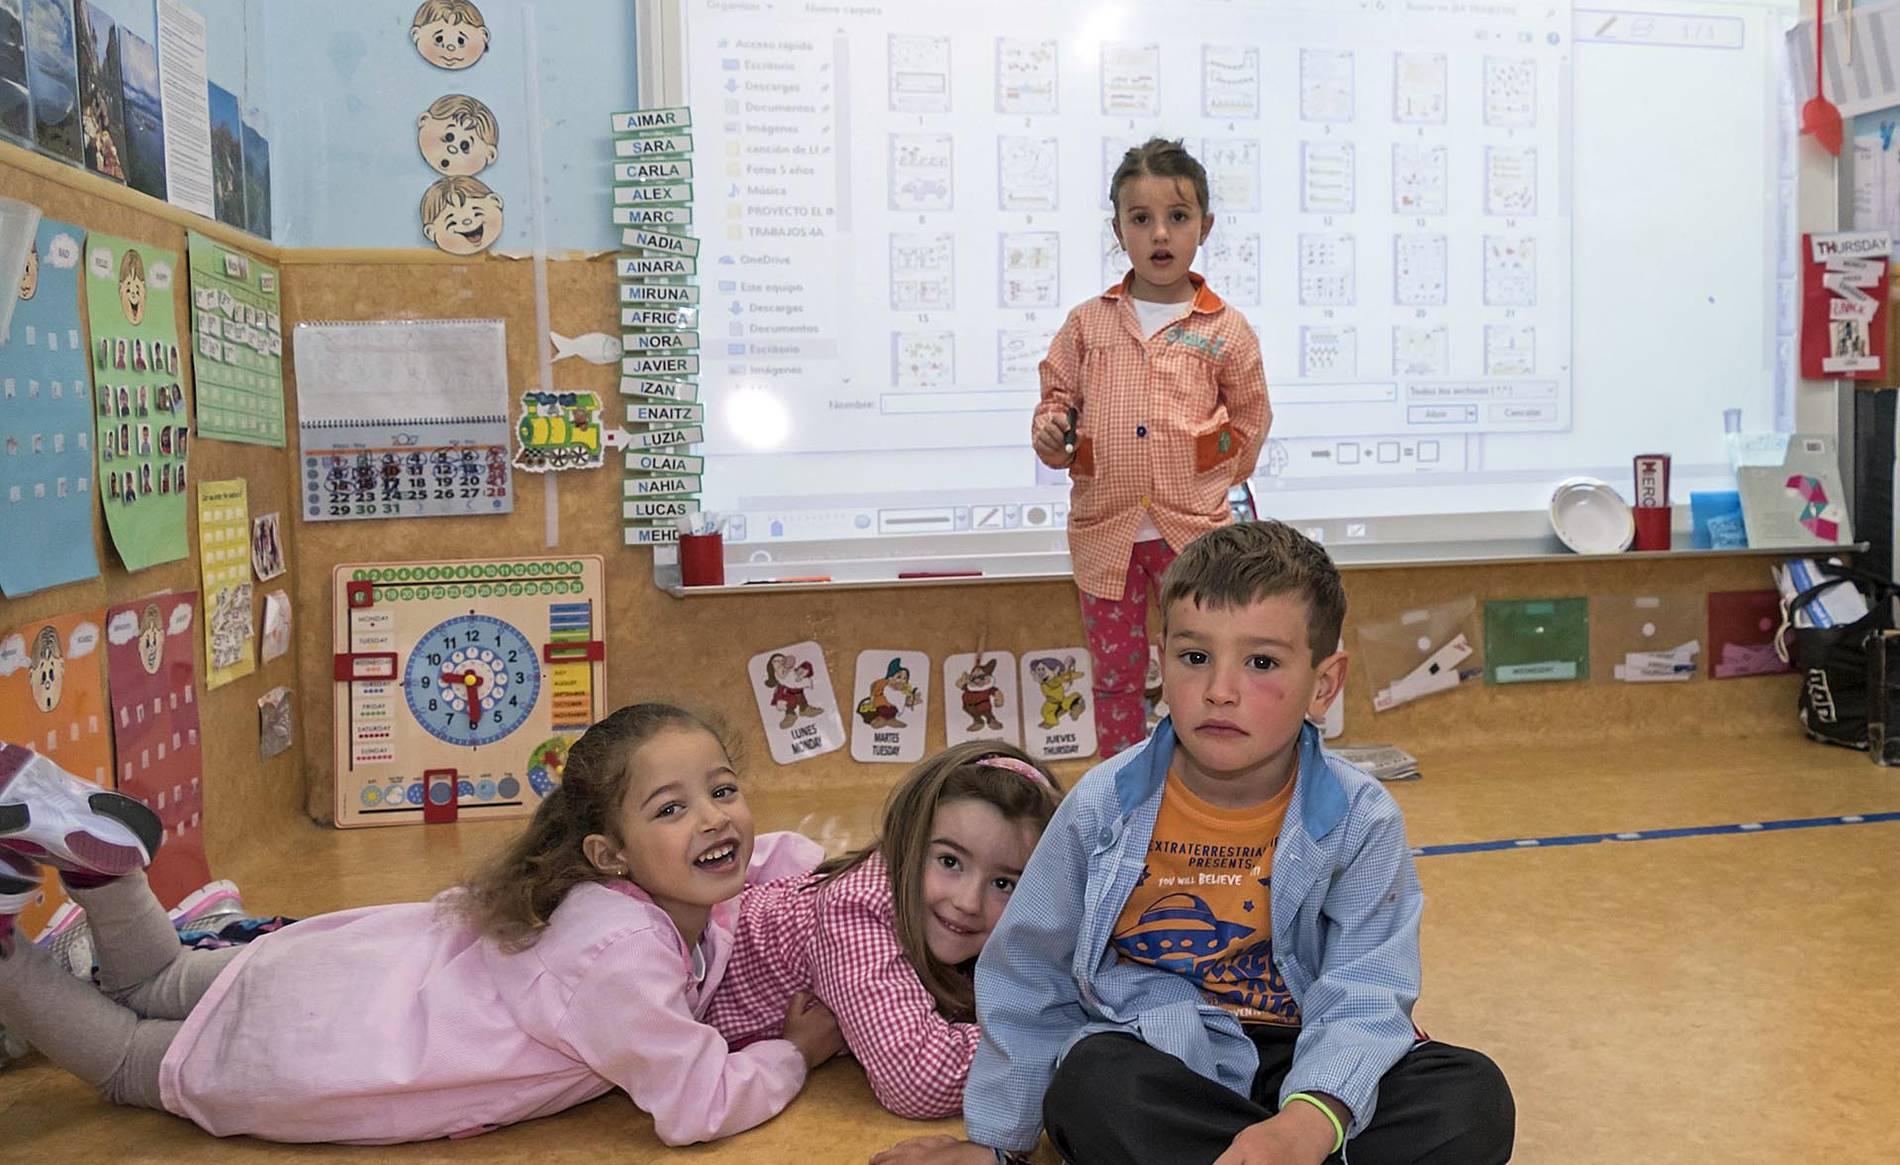 Colegio Ricardo Campano (Viana) (1/36) - Escolares del colegio Ricardo Campano. - Navarra -